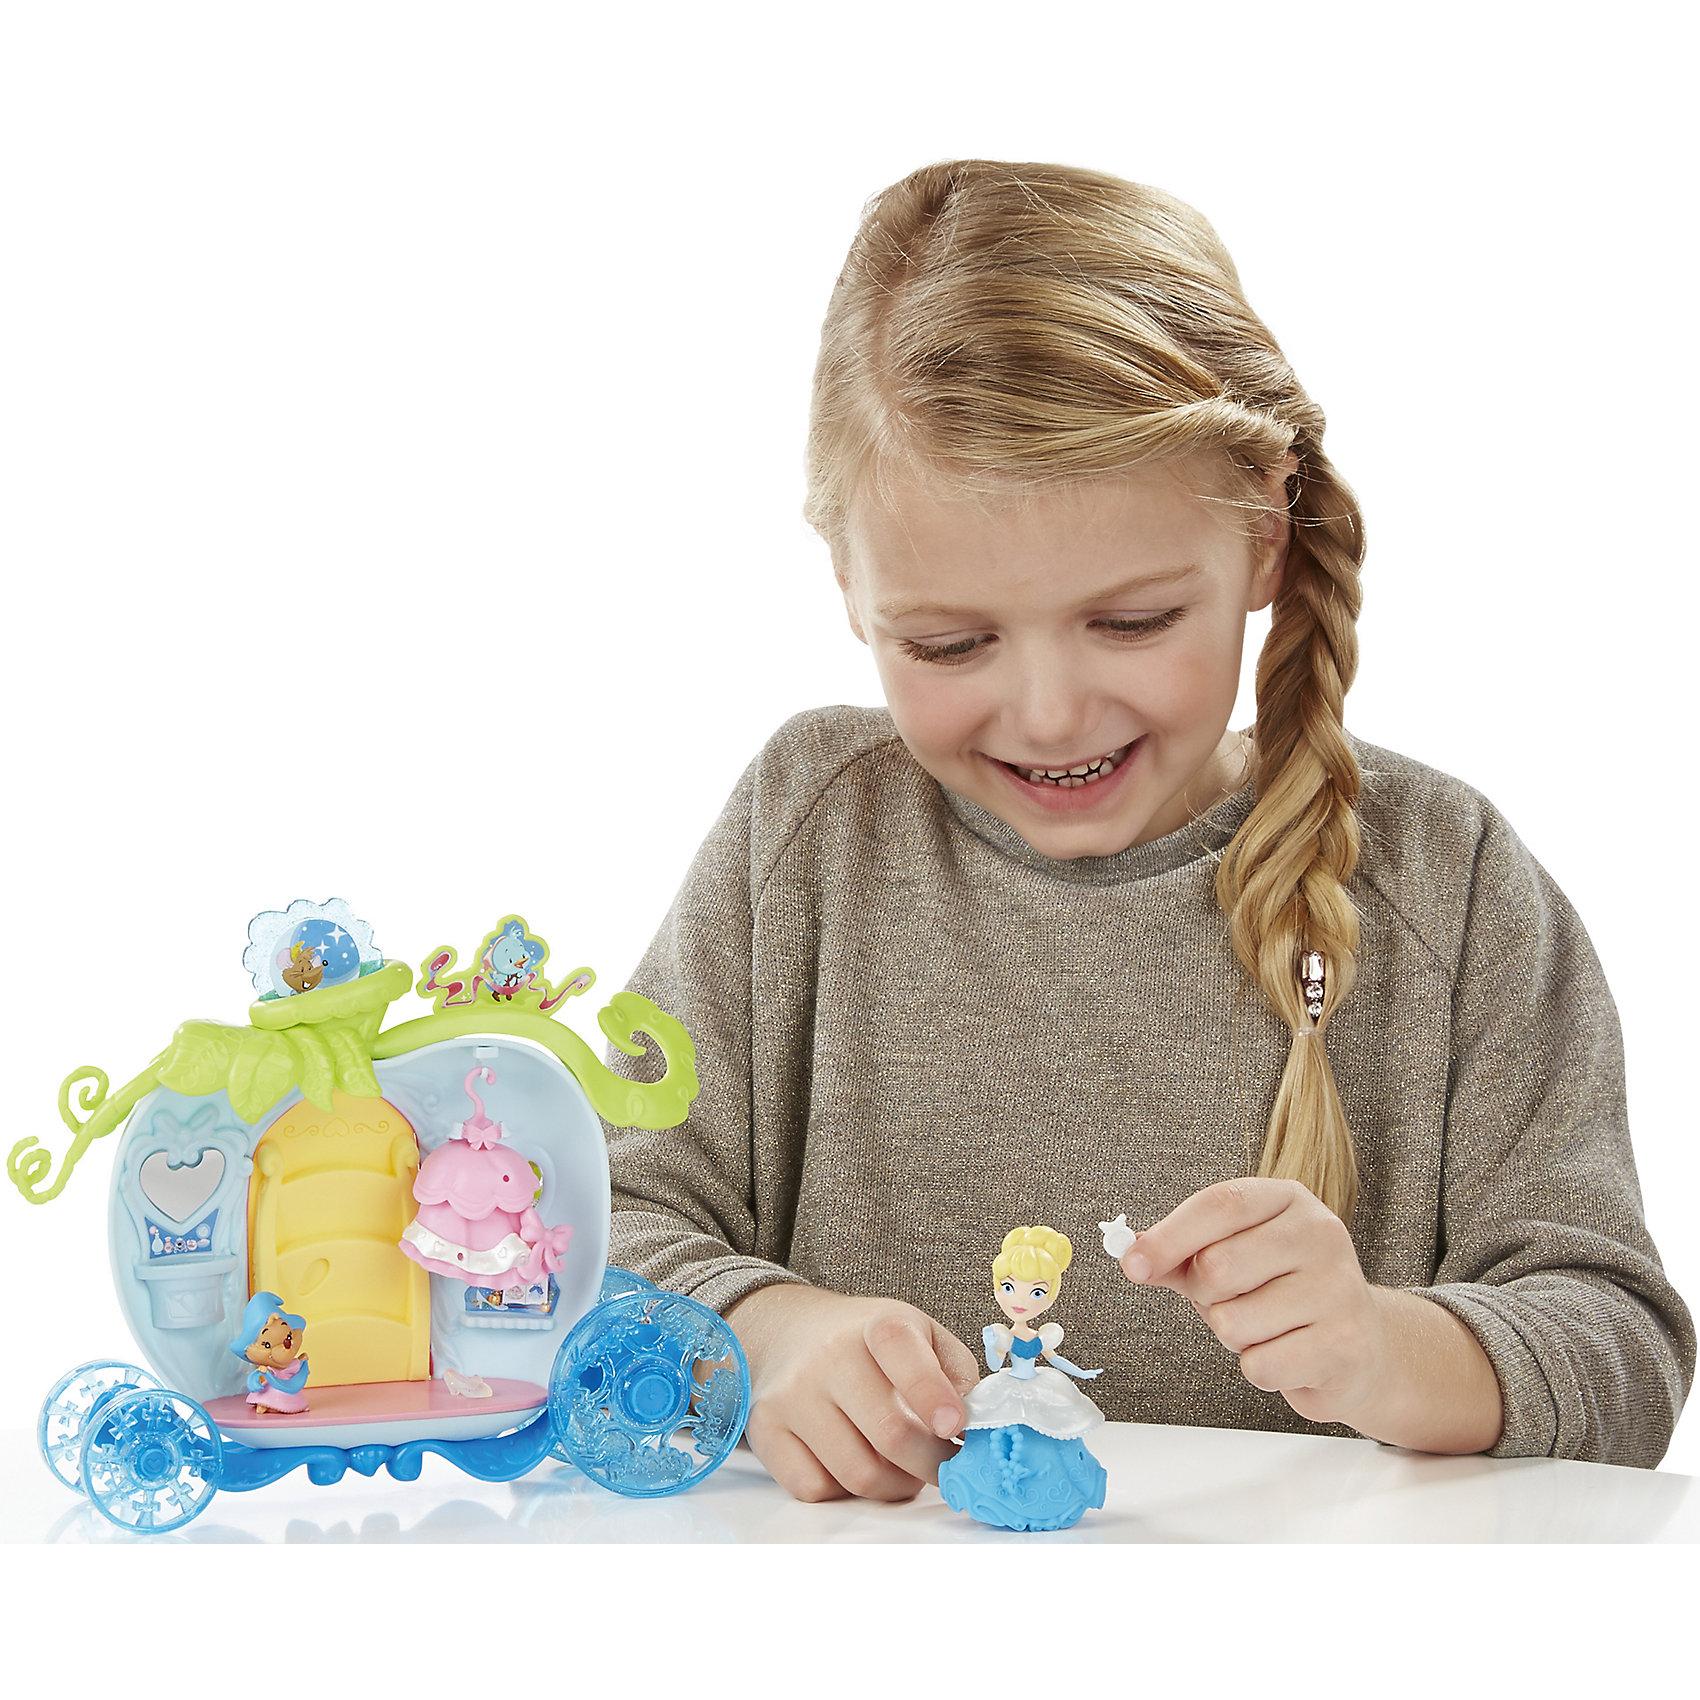 Игровой набор Маленькая кукла Принцесса, с аксессуарами ЗолушкаМини-куклы<br>Игровой набор Маленькая кукла Принцесса, с аксессуарами, B5344/B5345.<br><br>Характеристики:<br><br>- В наборе: кукла Золушки; карета; фигурка мышонка; дополнительный наряд; 5 аксессуаров<br>- Материал: высококачественный пластик<br>- Высота куклы: 7,5 см.<br>- Размер упаковки: 6,6х30,5х22,9 см.<br><br>Подготовьте Золушку к самому важному в ее жизни балу с набором Маленькая кукла Принцесса, с аксессуарами! Заколдованная карета в форме тыквы снабжена вращающимися колесами, открывающейся дверцей и откидывающейся подножкой - при открытии дверцы подножка откидывается автоматически, позволяя принцессе изящно впорхнуть в карету. В наборе есть небольшая вешалка для сменного платьица Принцессы, красивые аксессуары, а также любимый питомец - Гас. Куколка, входящая в набор, относится к целой серии игрушек под названием Disney Princess Little Kingdom, поэтому имеет небольшой размер - всего 7,5 см. Не смотря на это, у нее красивый дизайн, а также превосходная детализация! Кукла может сидеть и стоять. Данный набор еще интересен и тем, что в платье куколки есть крохотные дырочки, в которые ребенок сможет прикрепить красивые тематические аксессуары из набора. Игровой набор изготовлен из качественного, нетоксичного пластика.<br><br>Игровой набор Маленькая кукла Принцесса, с аксессуарами, B5344/B5345 можно купить в нашем интернет-магазине.<br><br>Ширина мм: 65<br>Глубина мм: 305<br>Высота мм: 1400<br>Вес г: 415<br>Возраст от месяцев: 48<br>Возраст до месяцев: 96<br>Пол: Женский<br>Возраст: Детский<br>SKU: 5064707